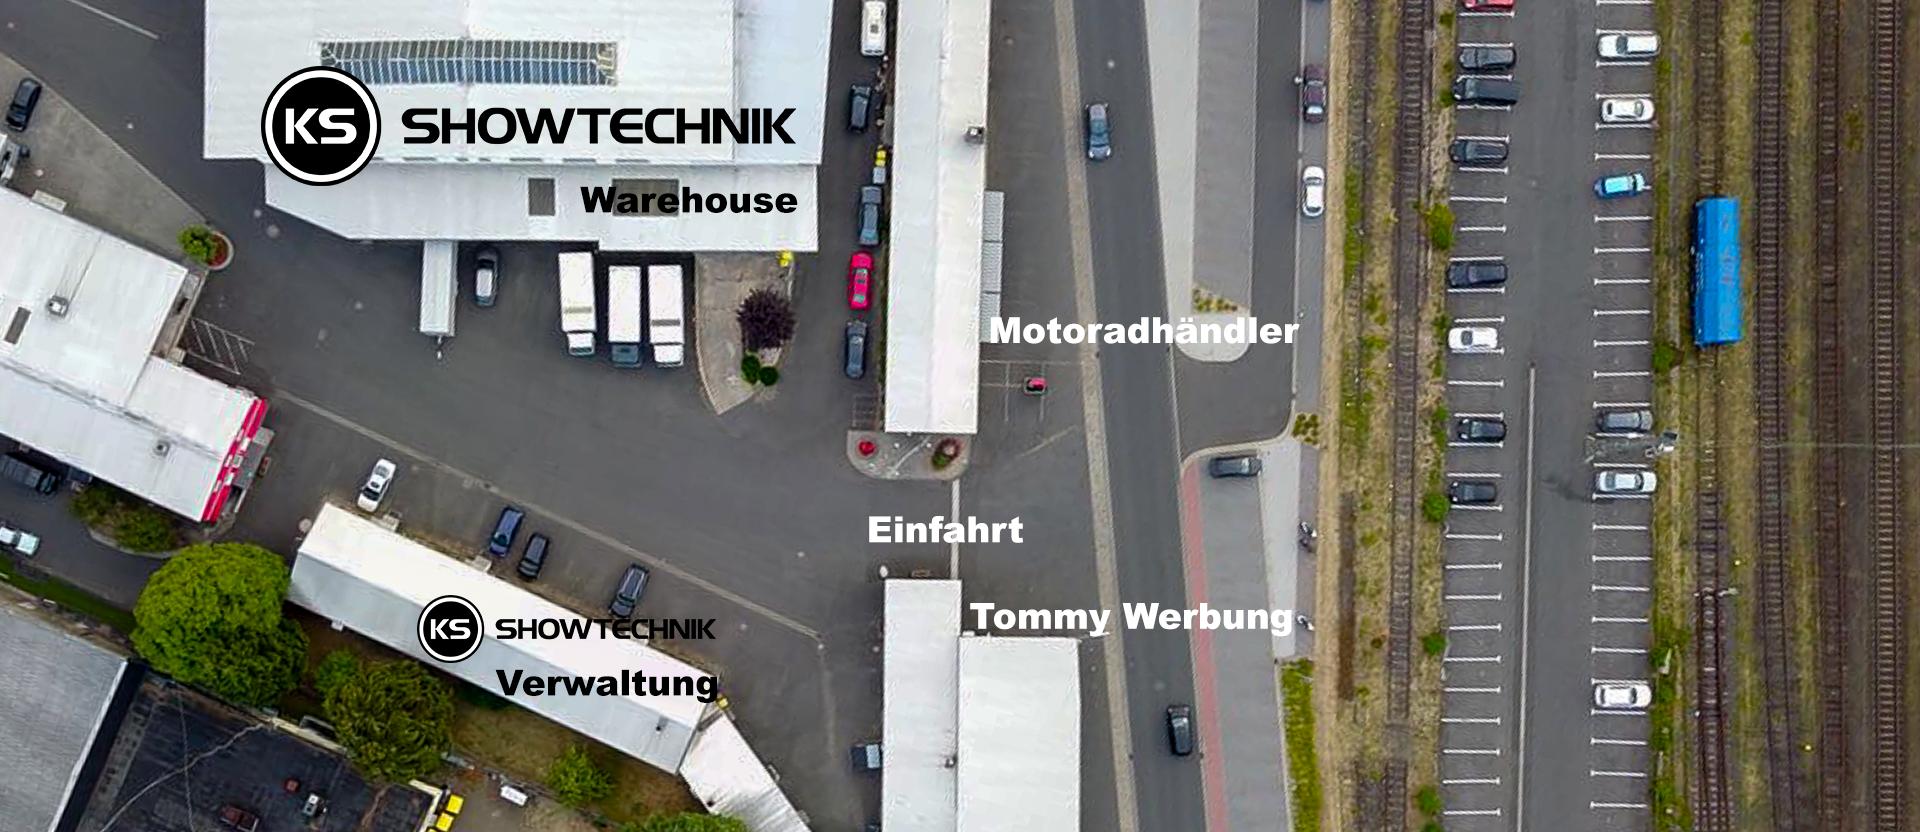 Anfahrsbeschreibung KS-Showtechnik